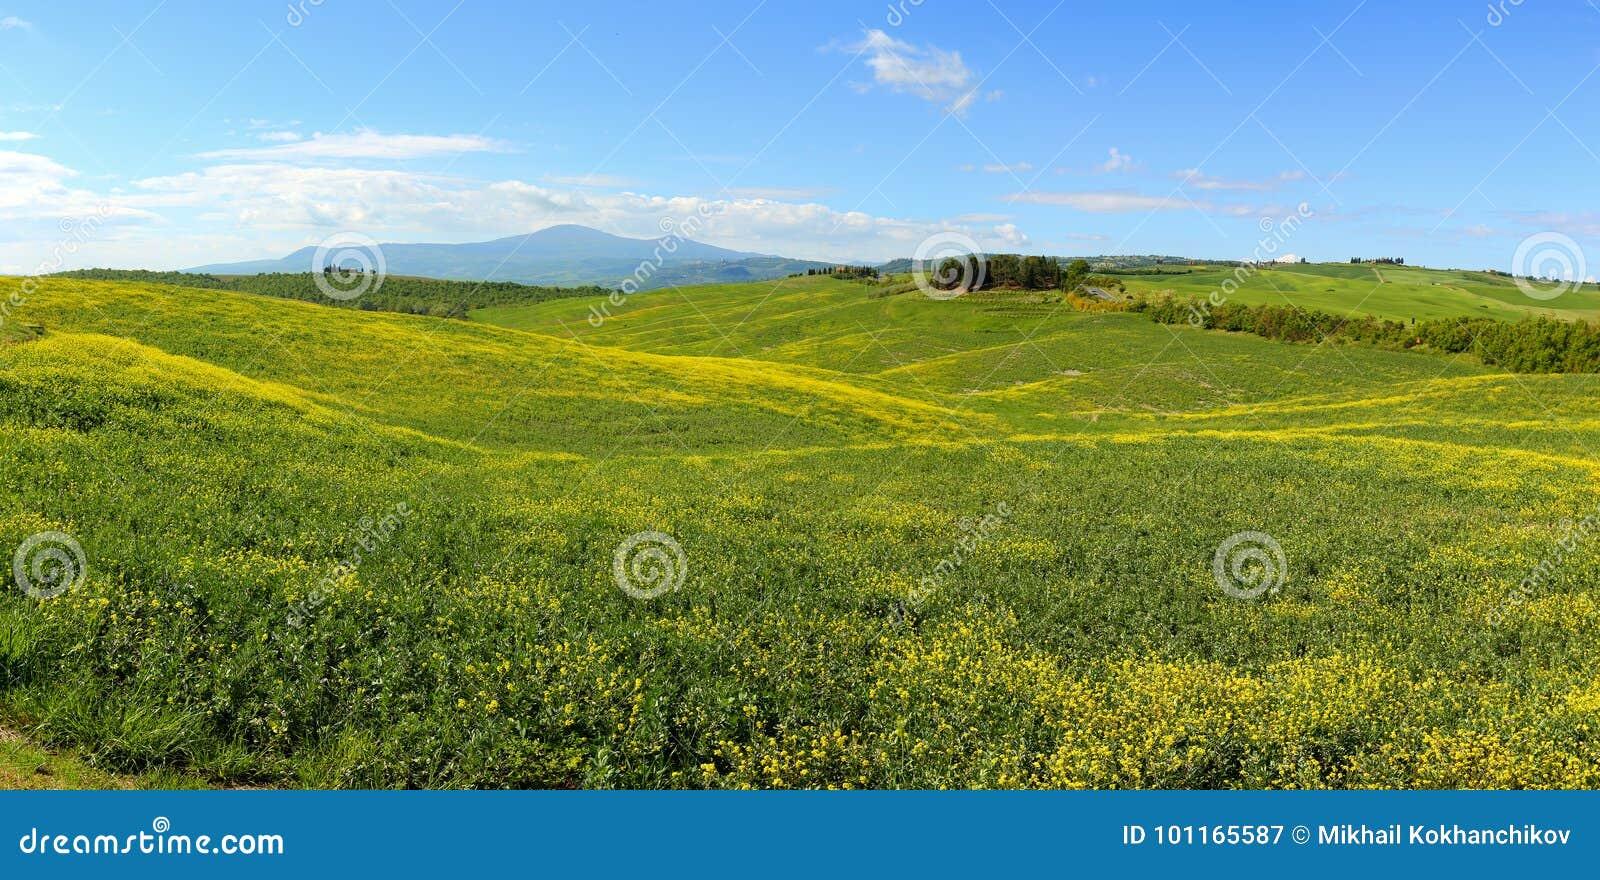 Fiori Gialli Toscana.Colline Della Toscana Con I Fiori Sui Campi Verdi Immagine Stock